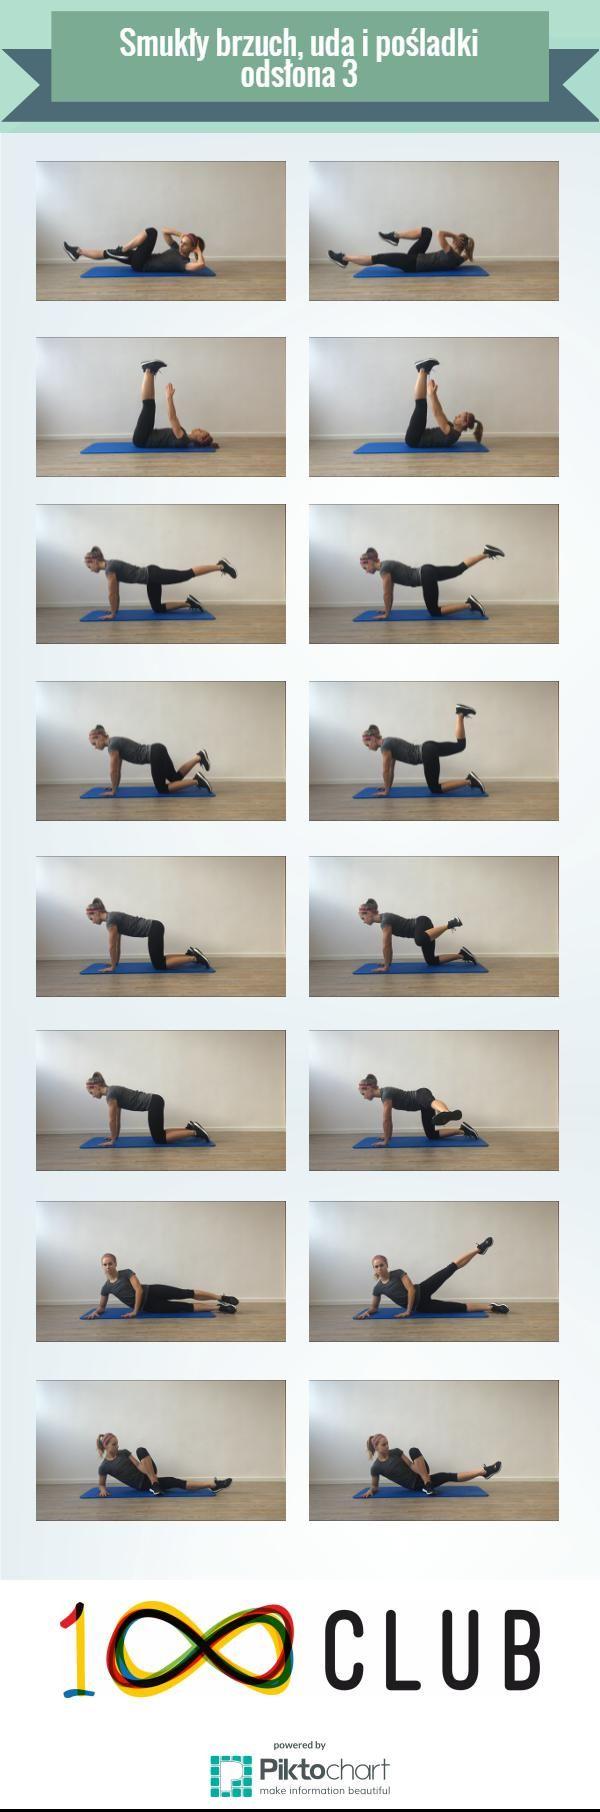 Trening na smukły brzuch, uda i pośladki - odsłona 3! #sport #trening #100club